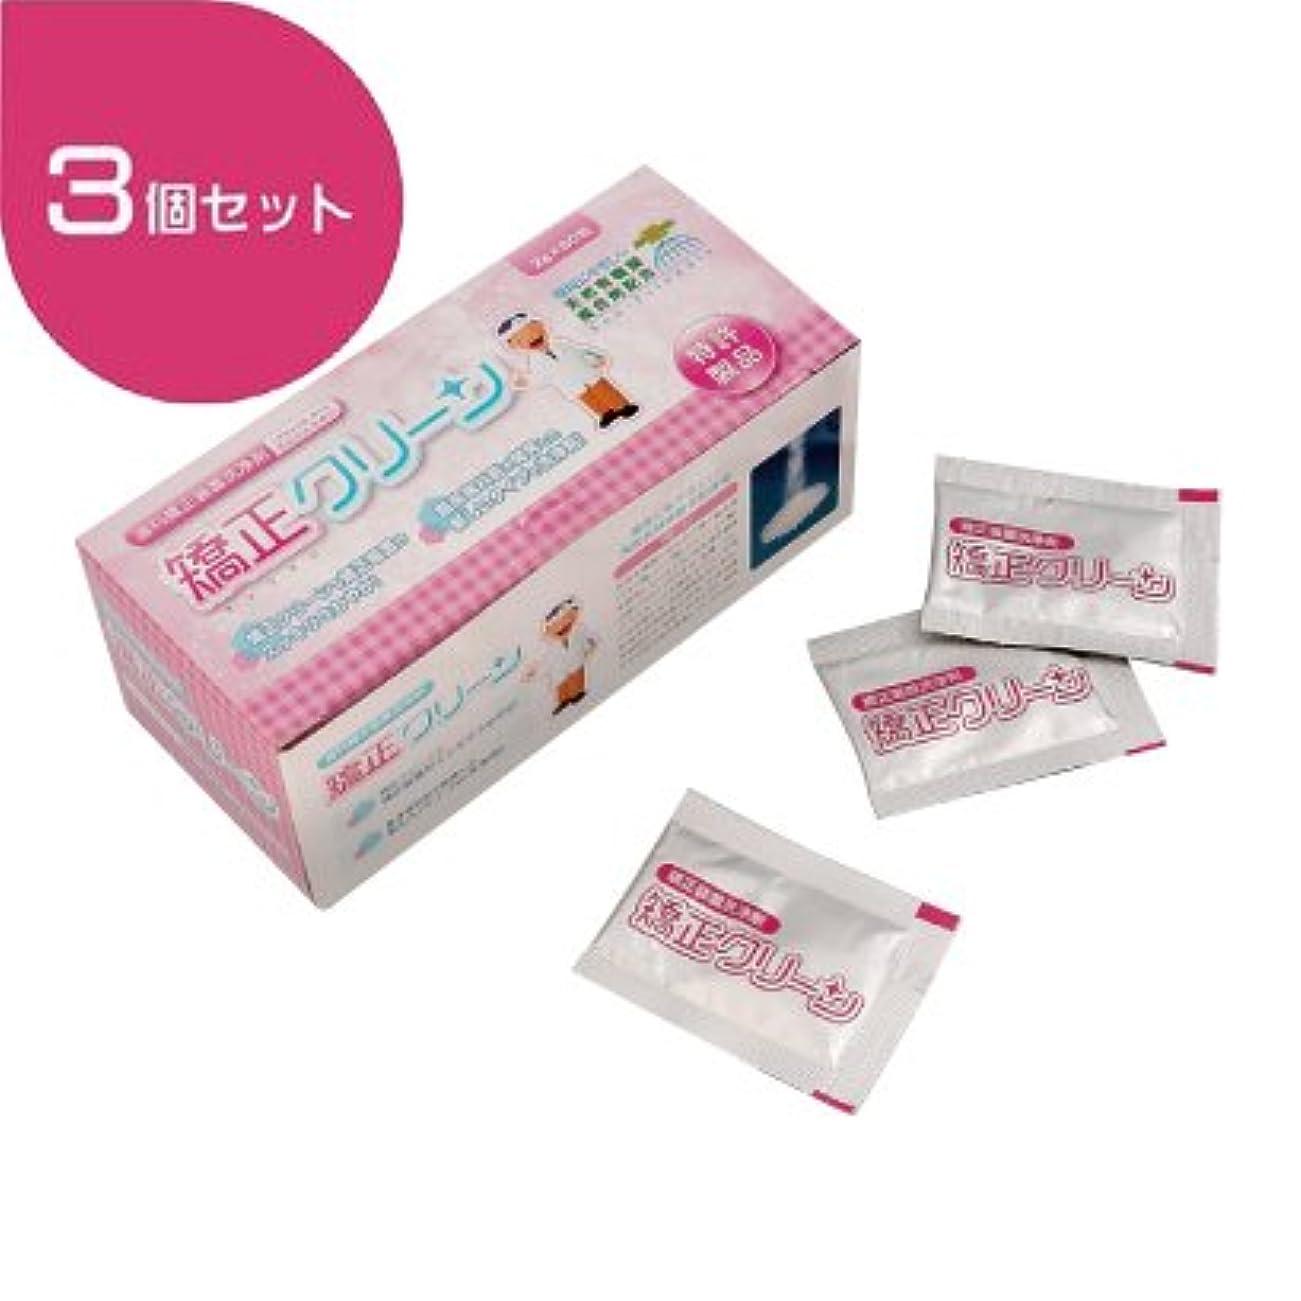 テキストヒョウタップ矯正クリーン 1箱(2g×60包入り) × 3個 歯科矯正装置用洗浄剤